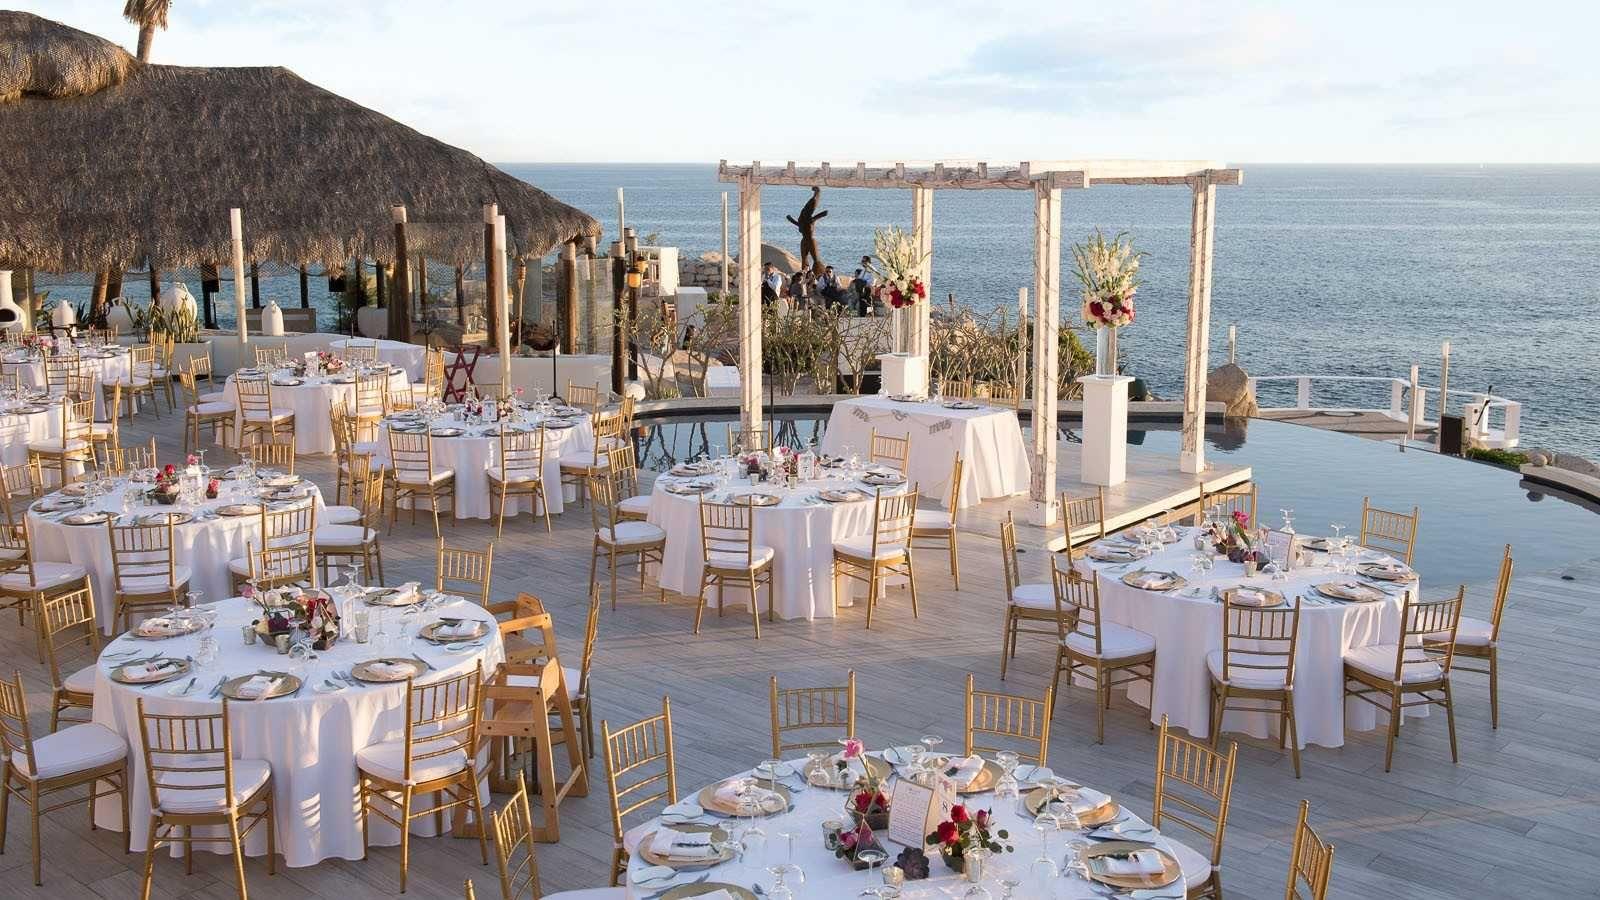 Cabo Wedding Design Decor Alec And T In 2020 Wedding Venues Beach Cabo San Lucas Weddings Cabo San Lucas Wedding Venues